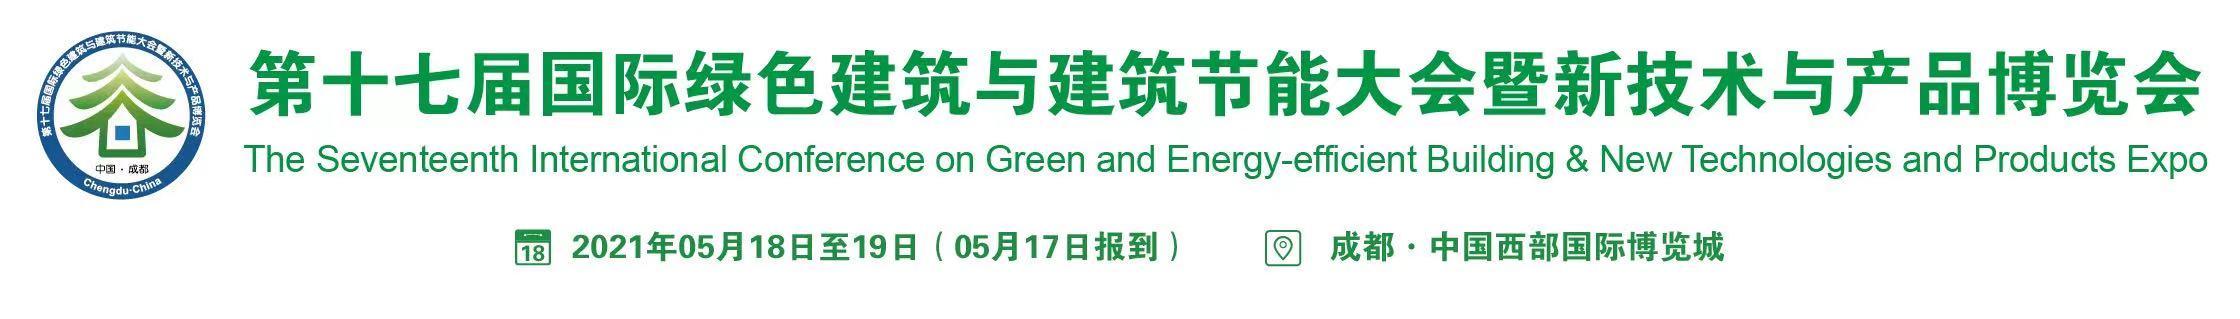 第十七届国际绿色建筑与建筑节能大会将于5月中旬在成都召开!